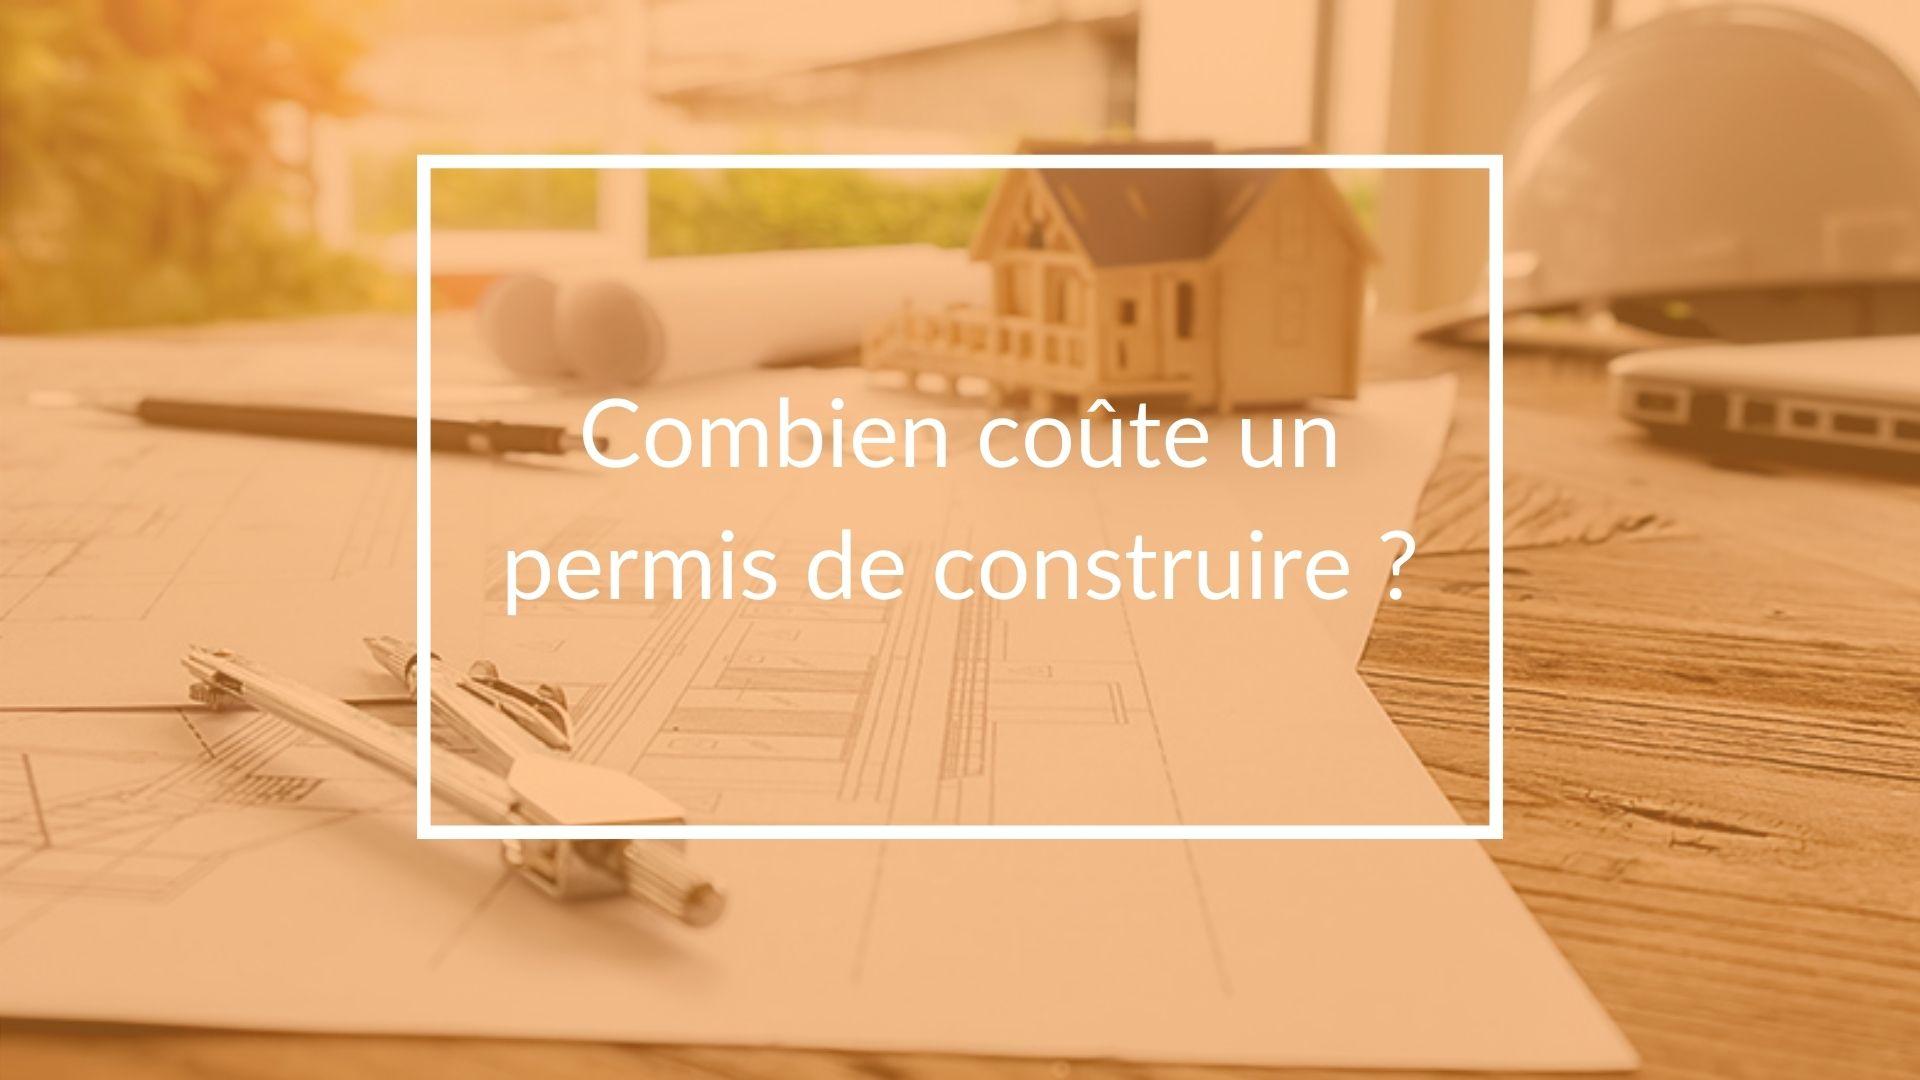 Combine coûte un permis de construire ?